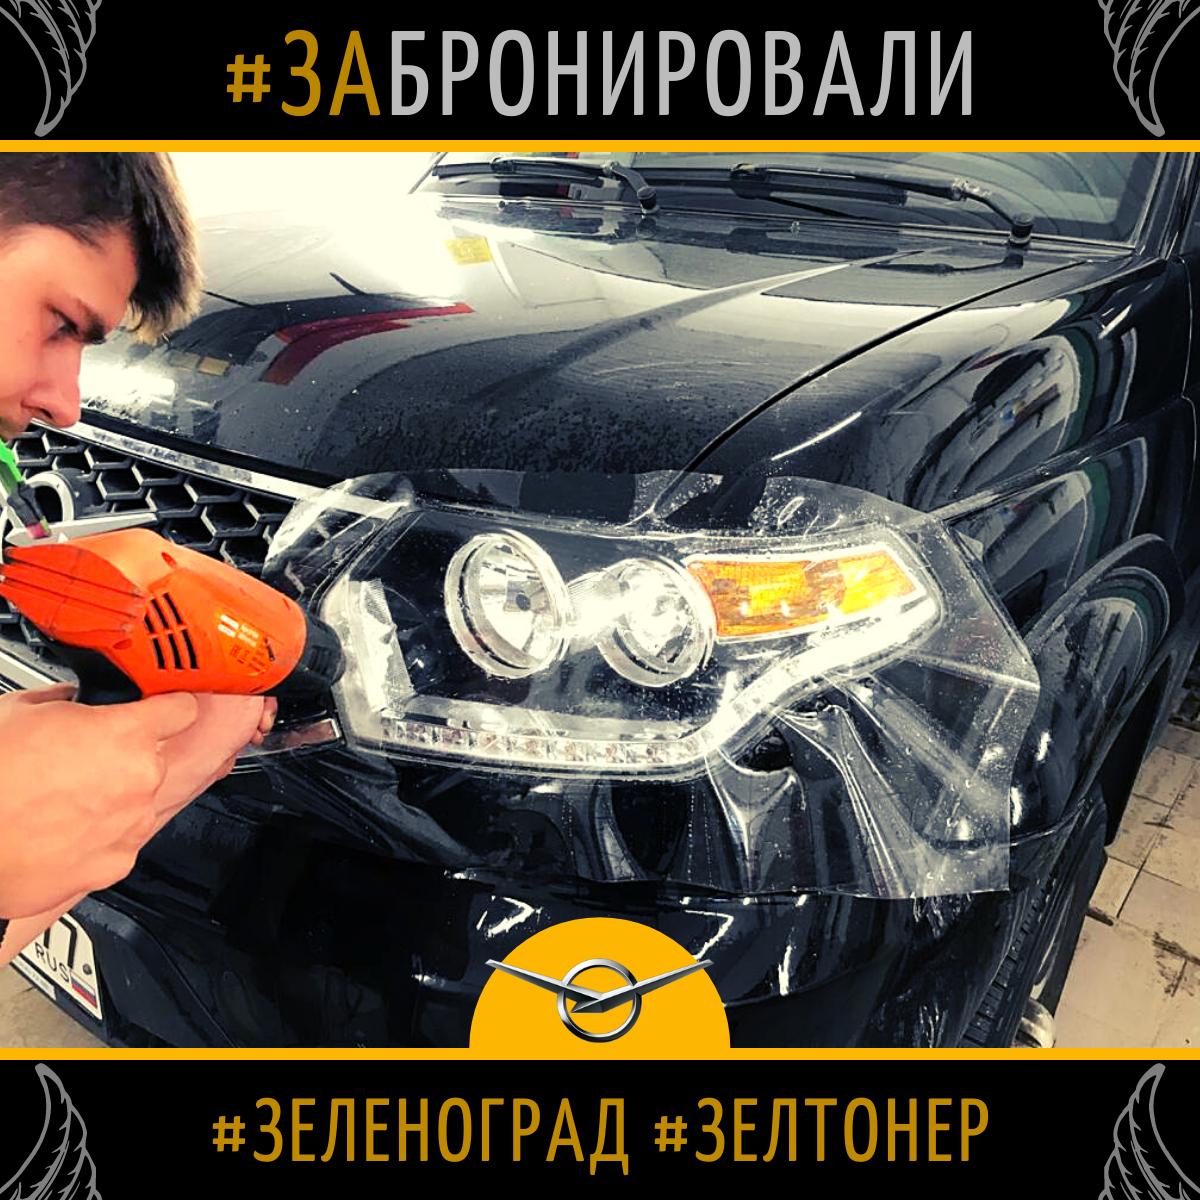 Заполировали и забронировали фары УАЗ Патриот - восстановили и забронировали оптику ✌😎